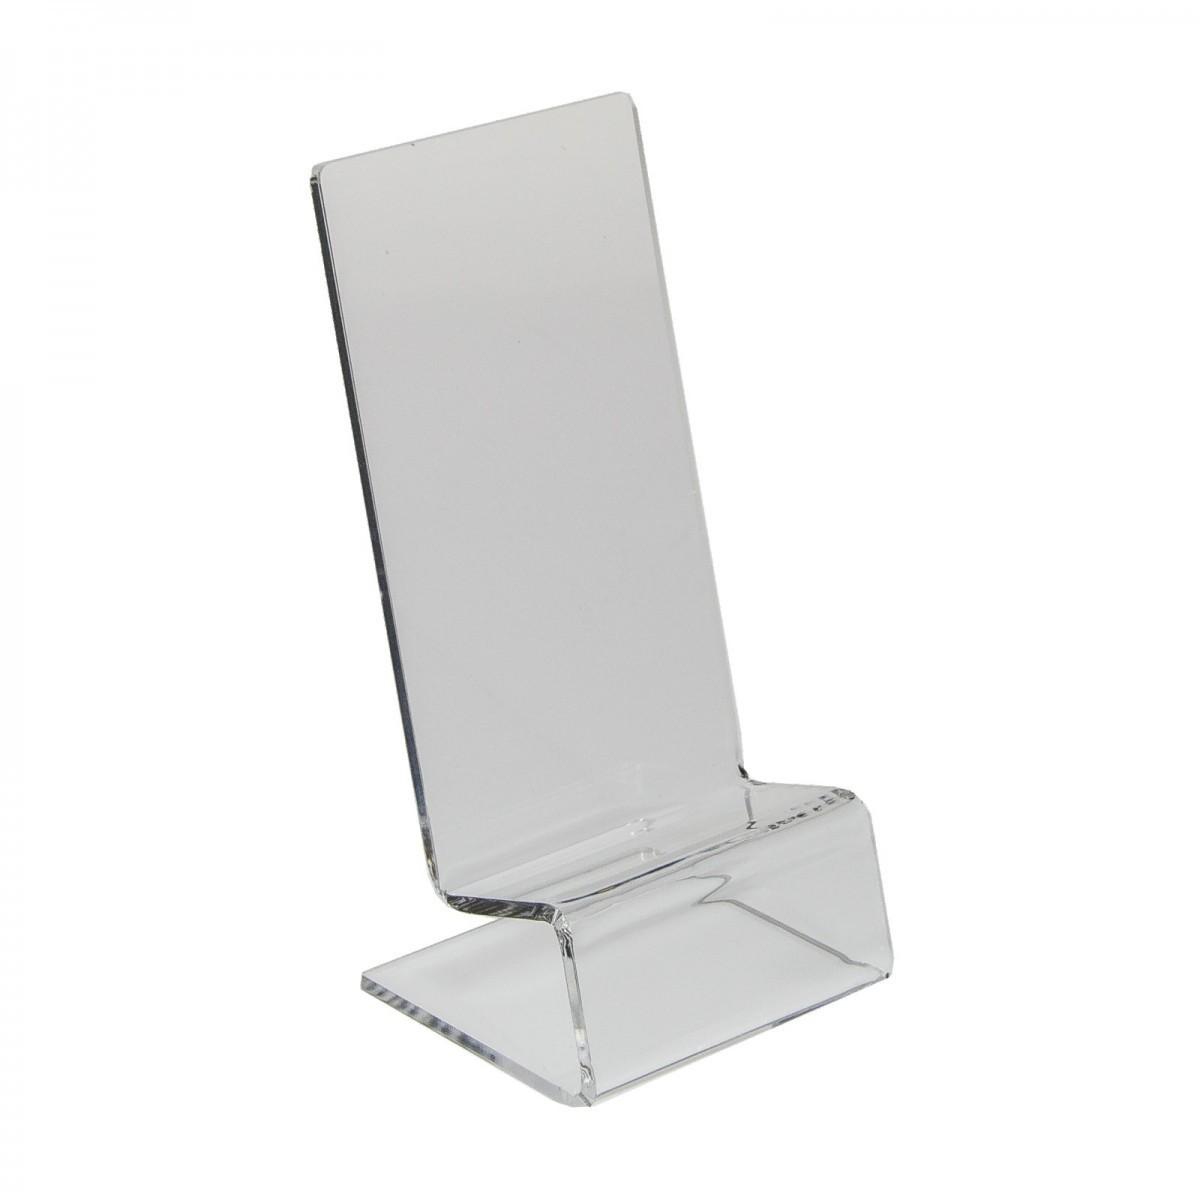 E-123 PCE-E - Espositore in plexiglass per cellulari / smartphone - Misura: 7x7x H14,5 cm